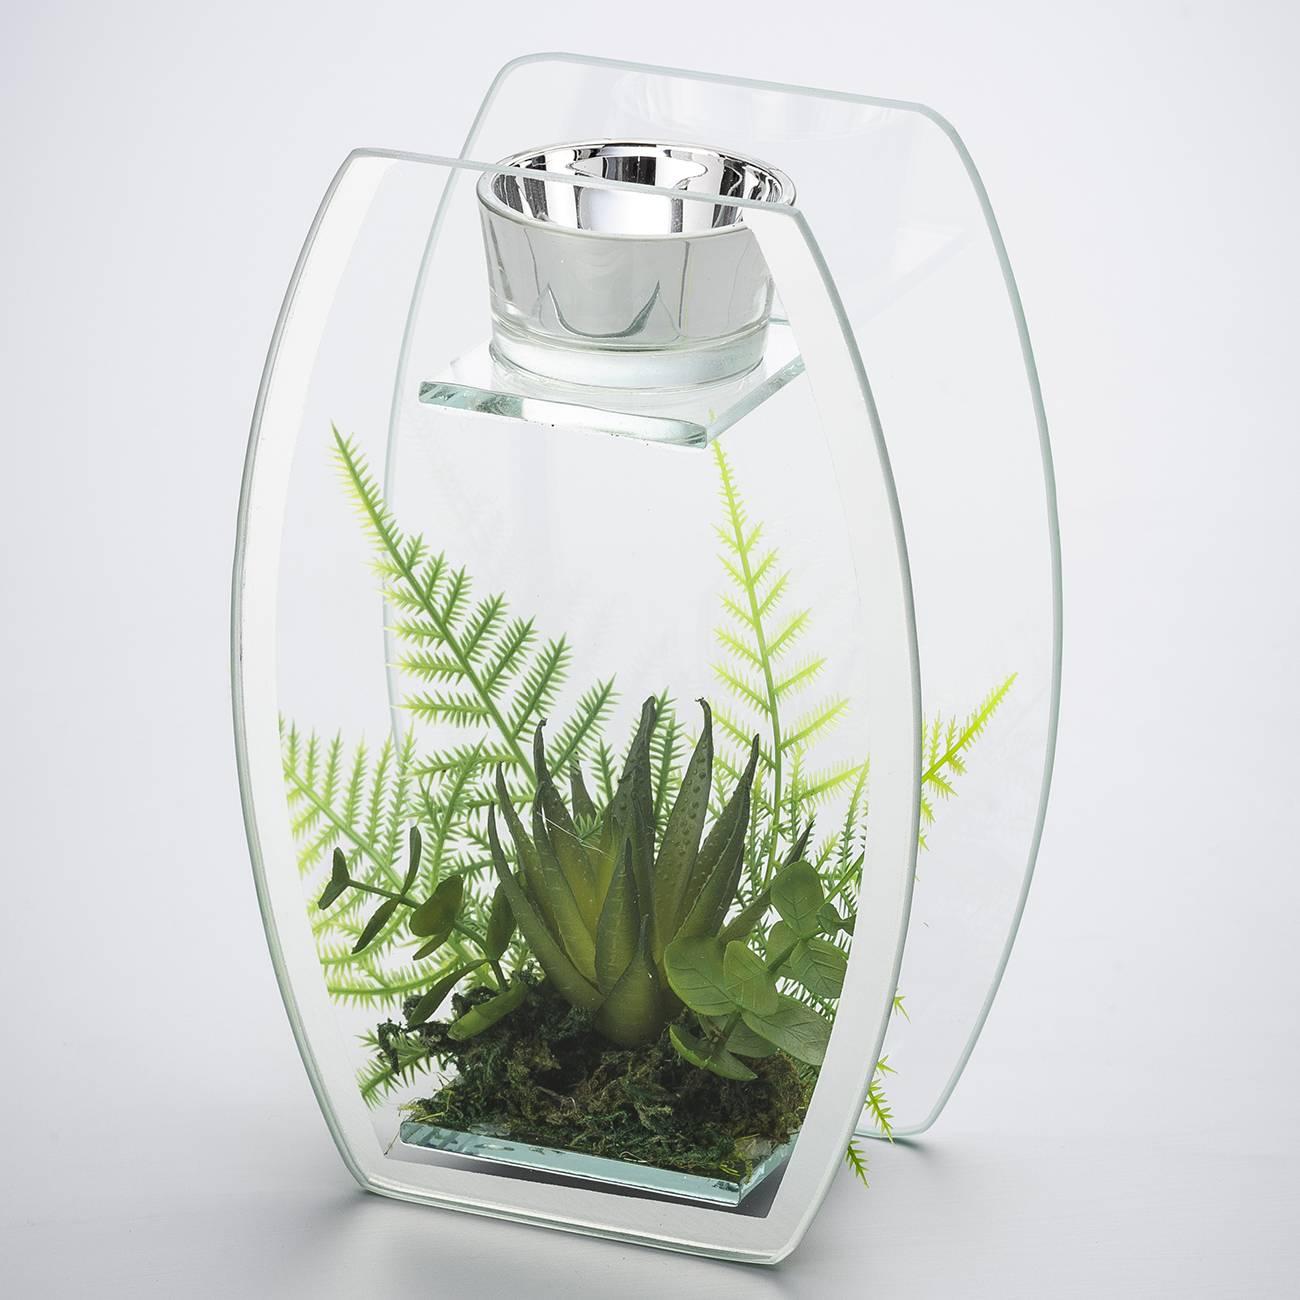 Castiçal Espelhado com Plantas em Vidro - Prestige - 18x12 cm